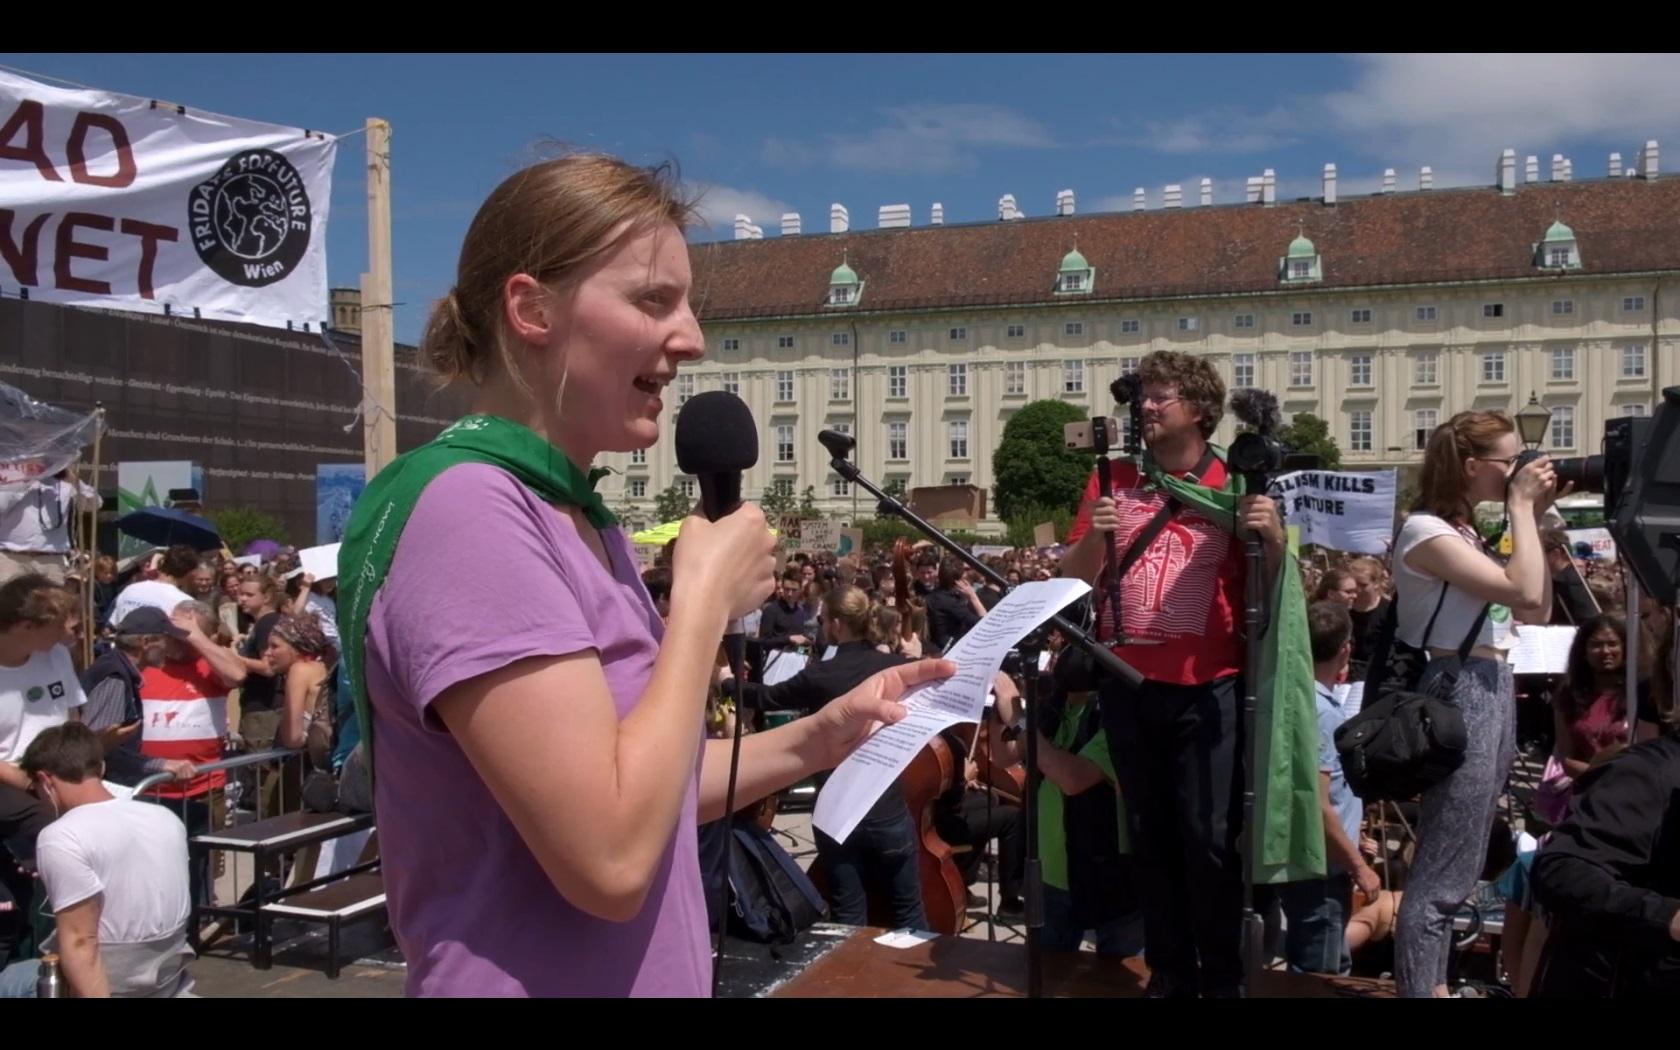 Farmers For Future: Redebeitrag auf Klimastreik-Demo von #FridaysForFuture